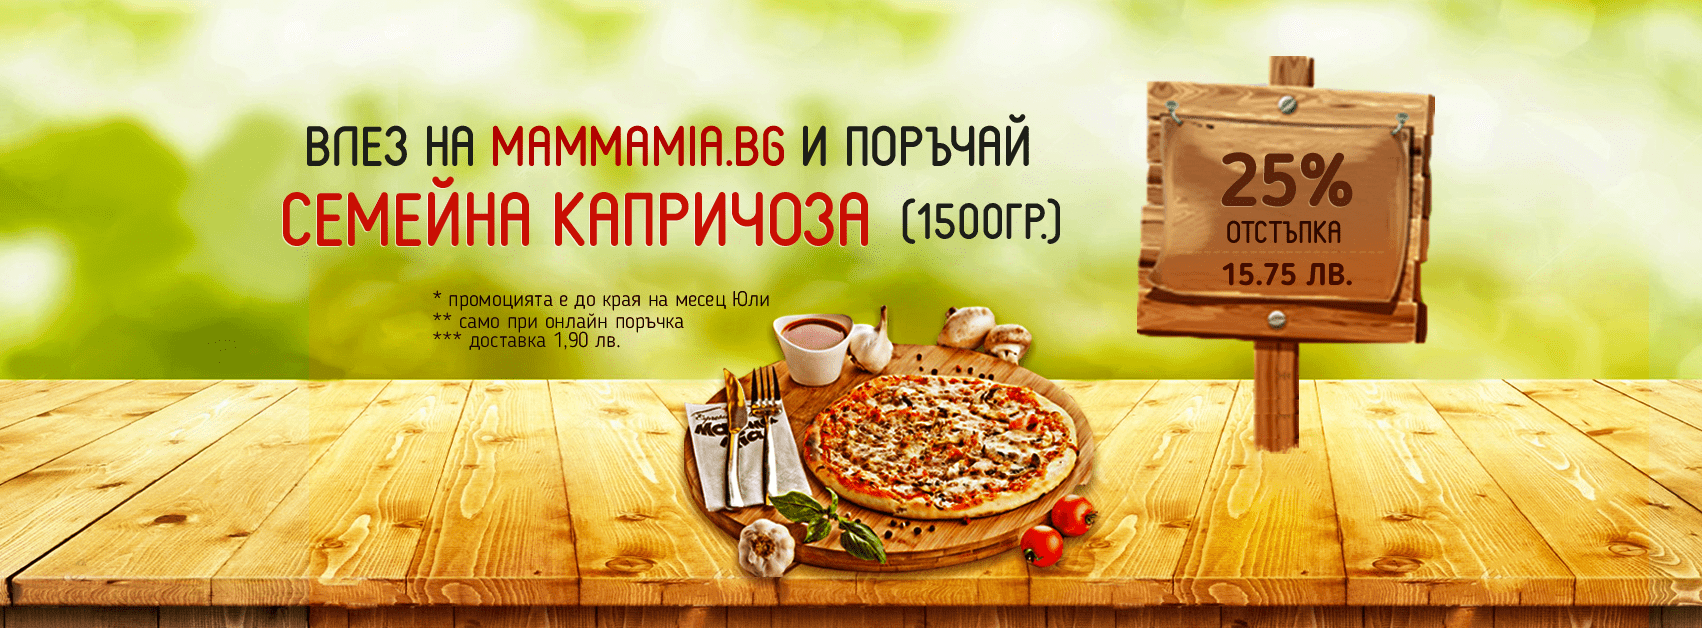 Промоция Юли месец: Семейна пица Капричоза с -25%